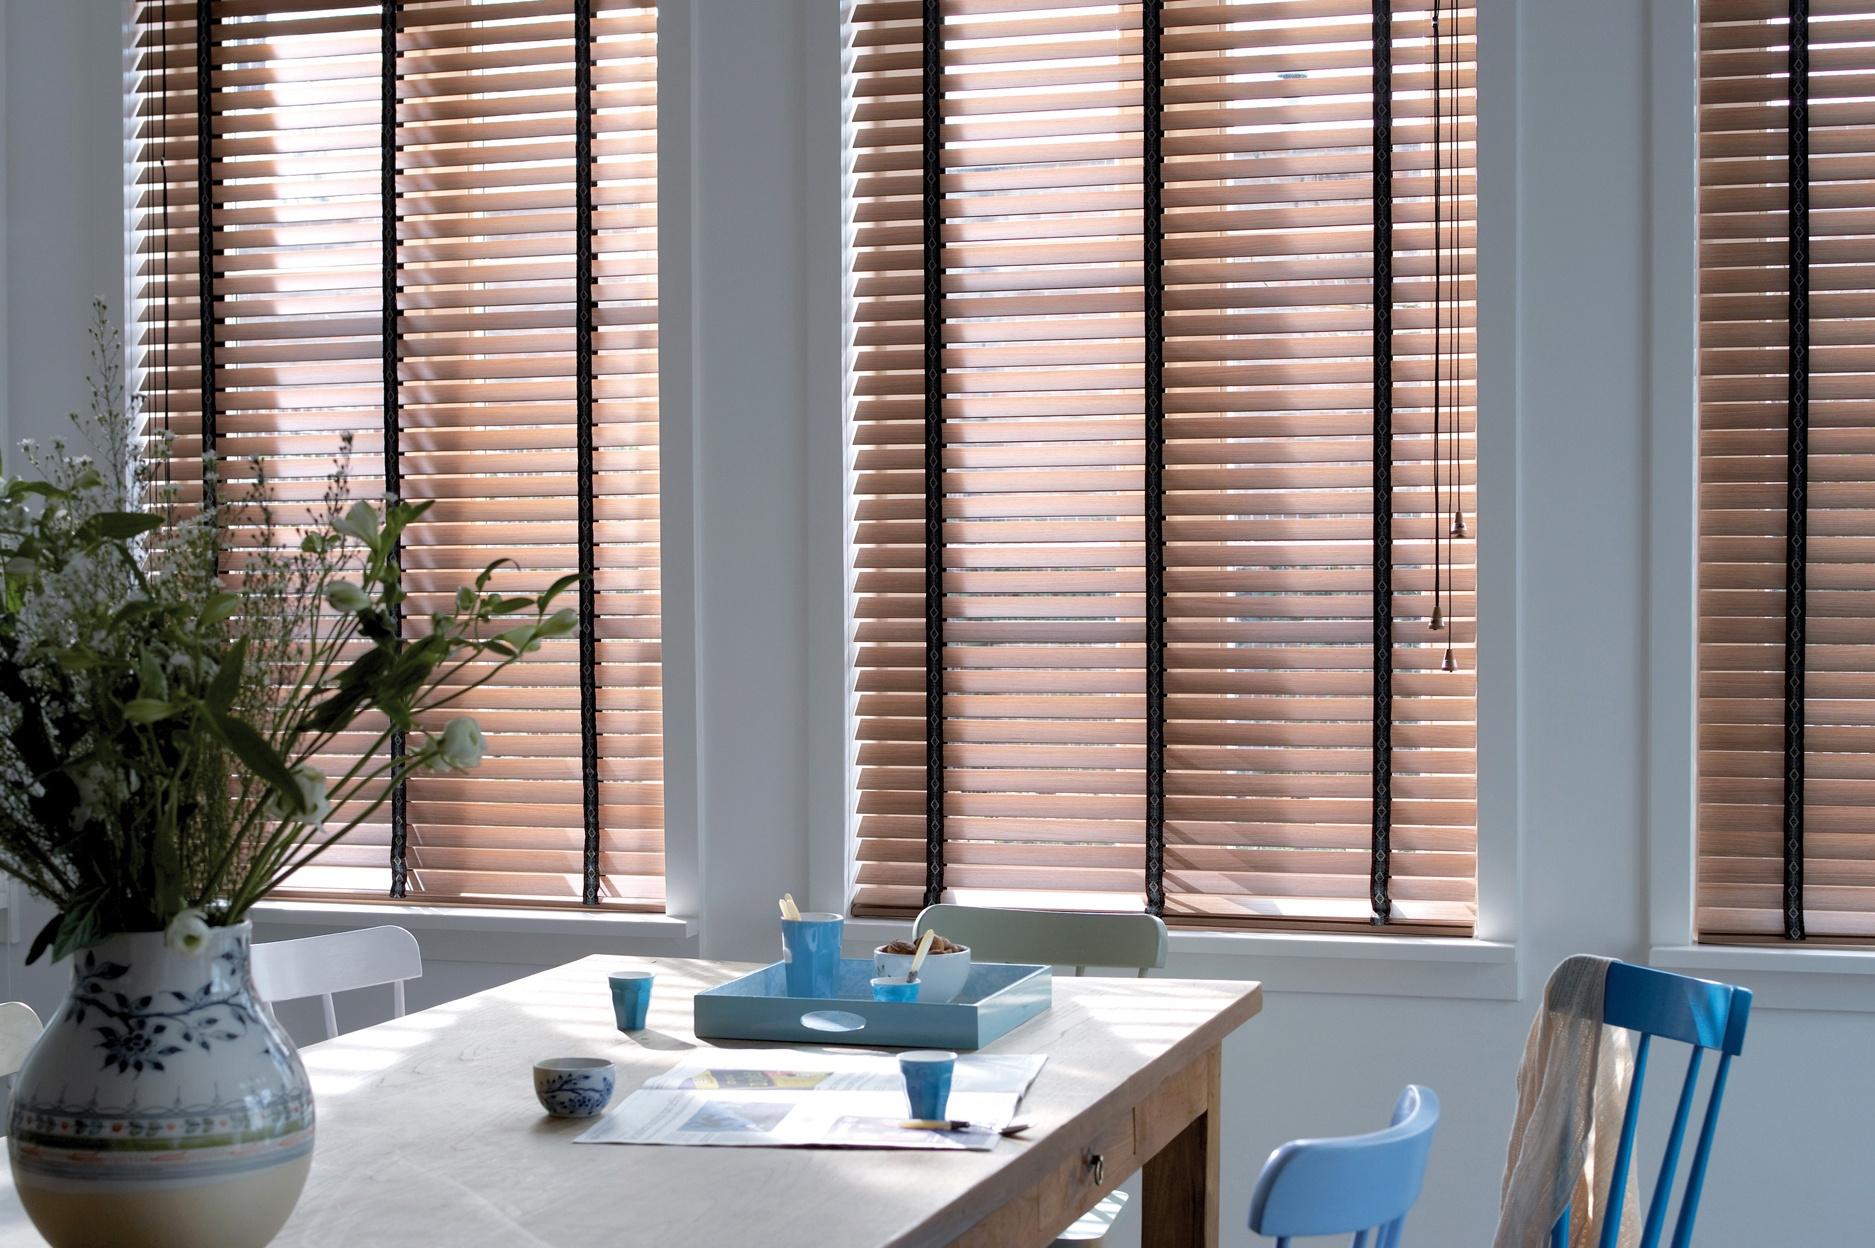 Disponibles con Las cintas decorativas dando una alternativa en decoración y funcionalidad